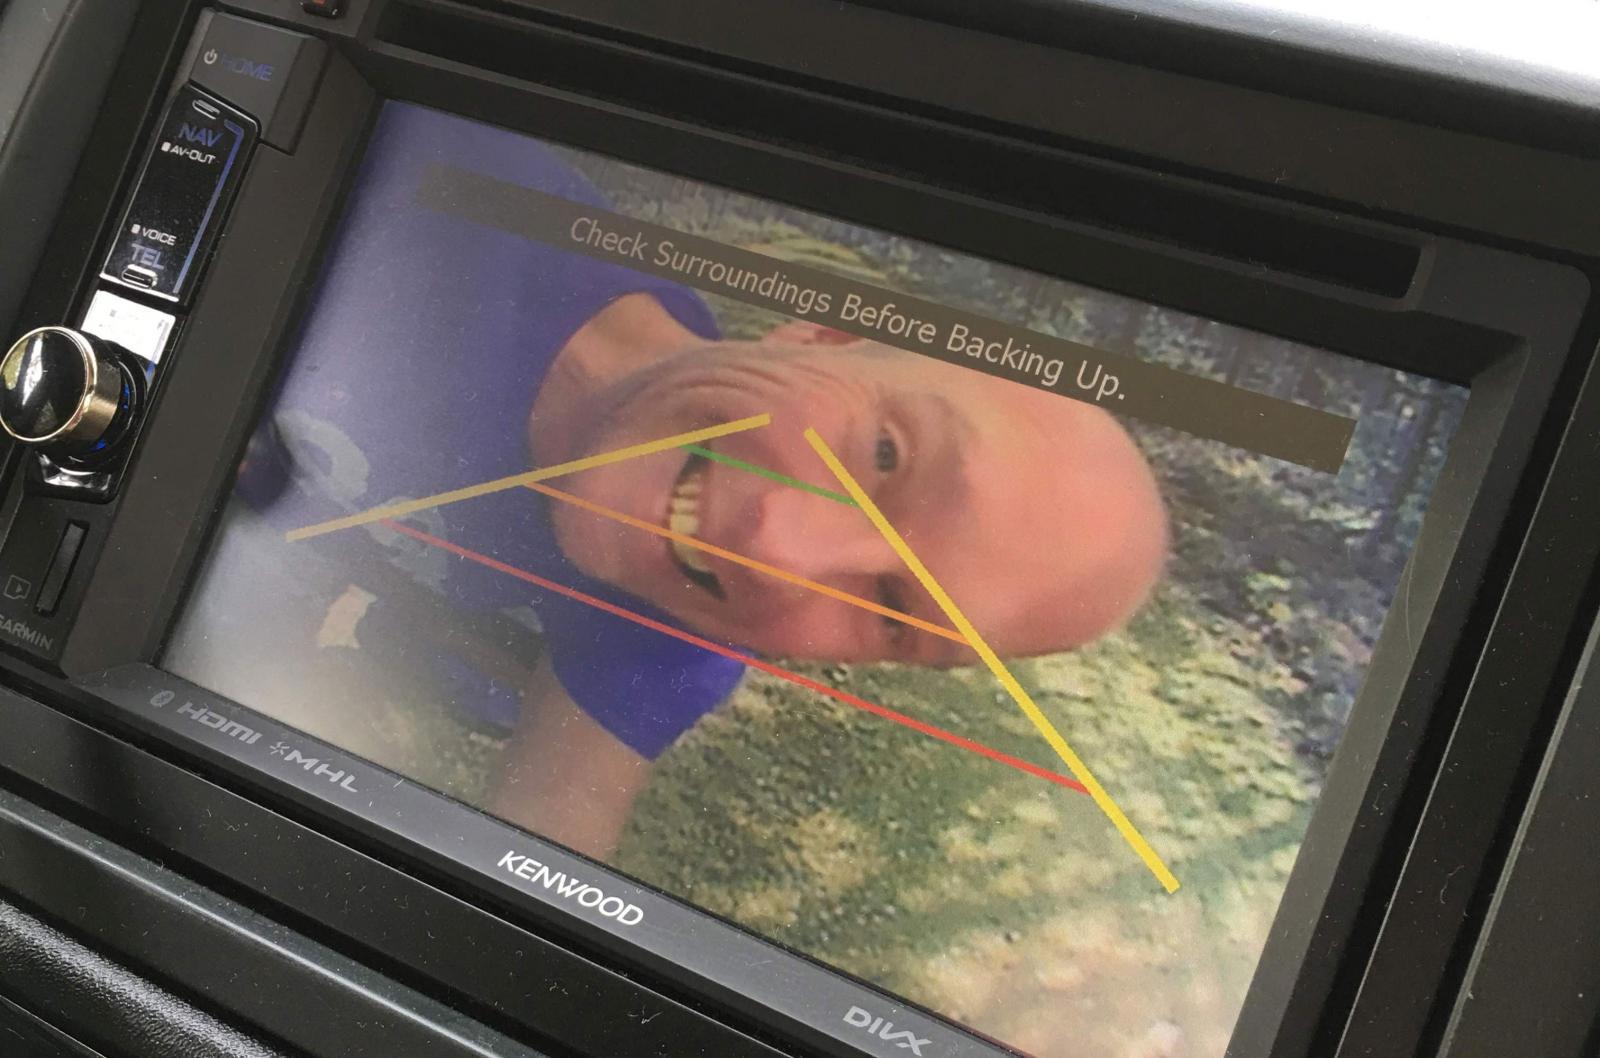 Majoriteten husbilar har en backkamera och den är bra att vänja sig vid eftersom husbilar inte har innerbackspegel eller bakruta att titta igenom.